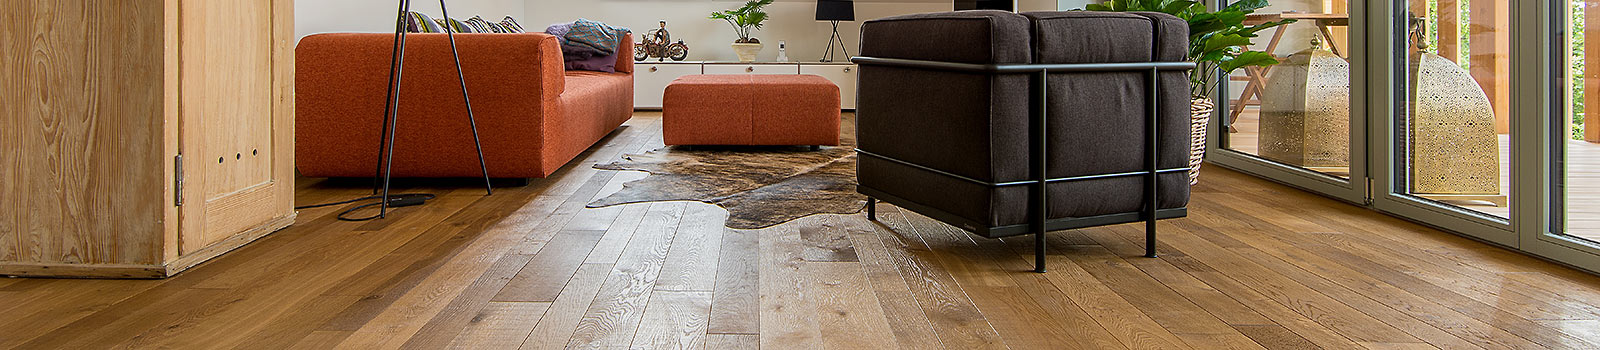 parkett aus echtholz f r jeden raum bei lenzlinger. Black Bedroom Furniture Sets. Home Design Ideas